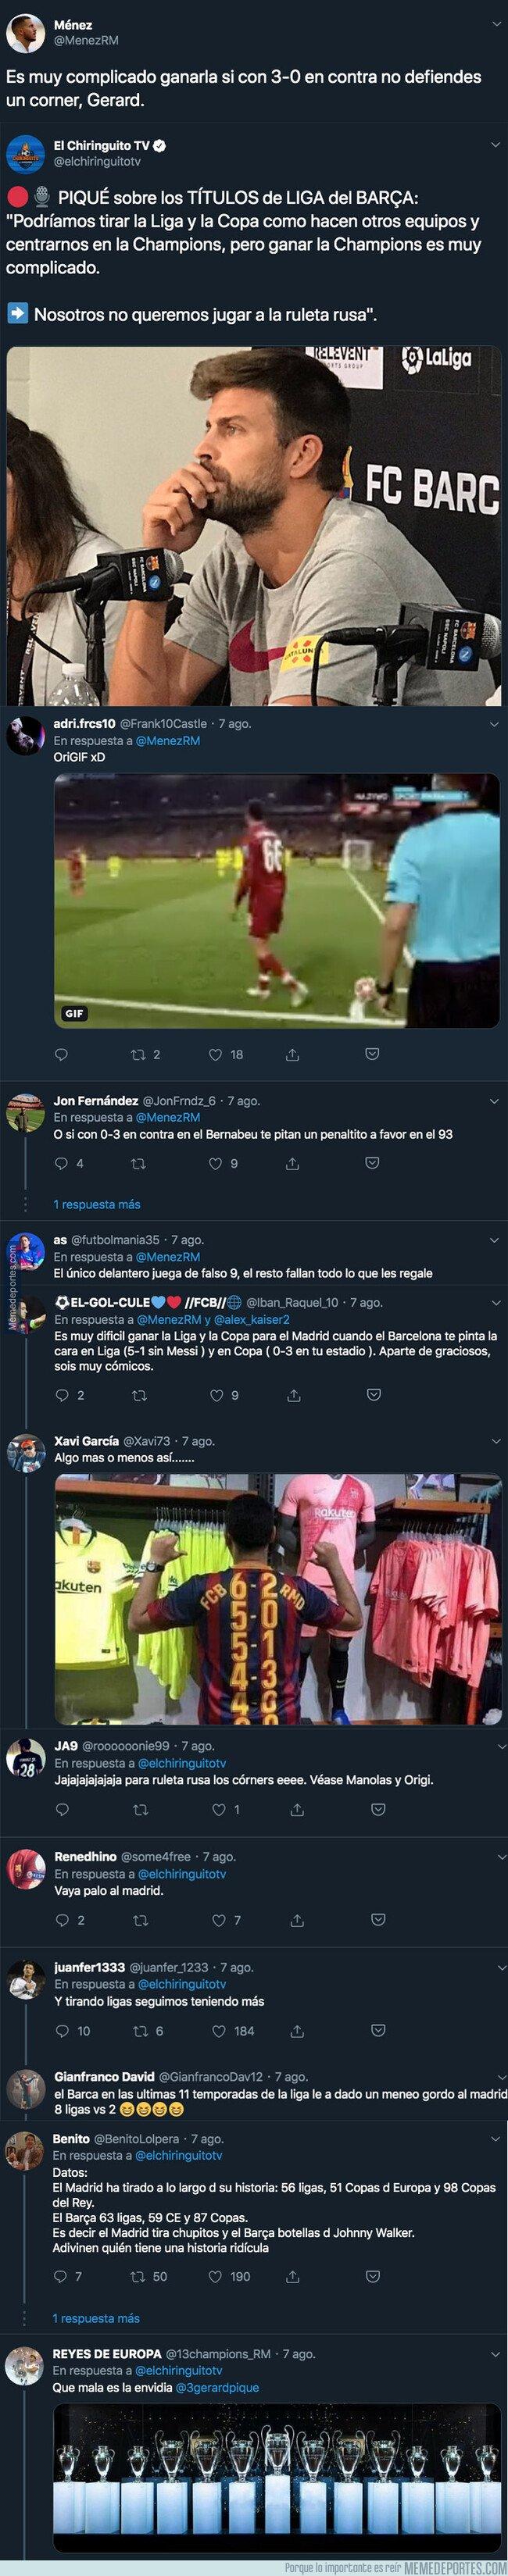 1083068 - Gerard Piqué deja en el aire que el Real Madrid juega a la ruleta rusa y un tuitero le deja totalmente KO con esta respuesta